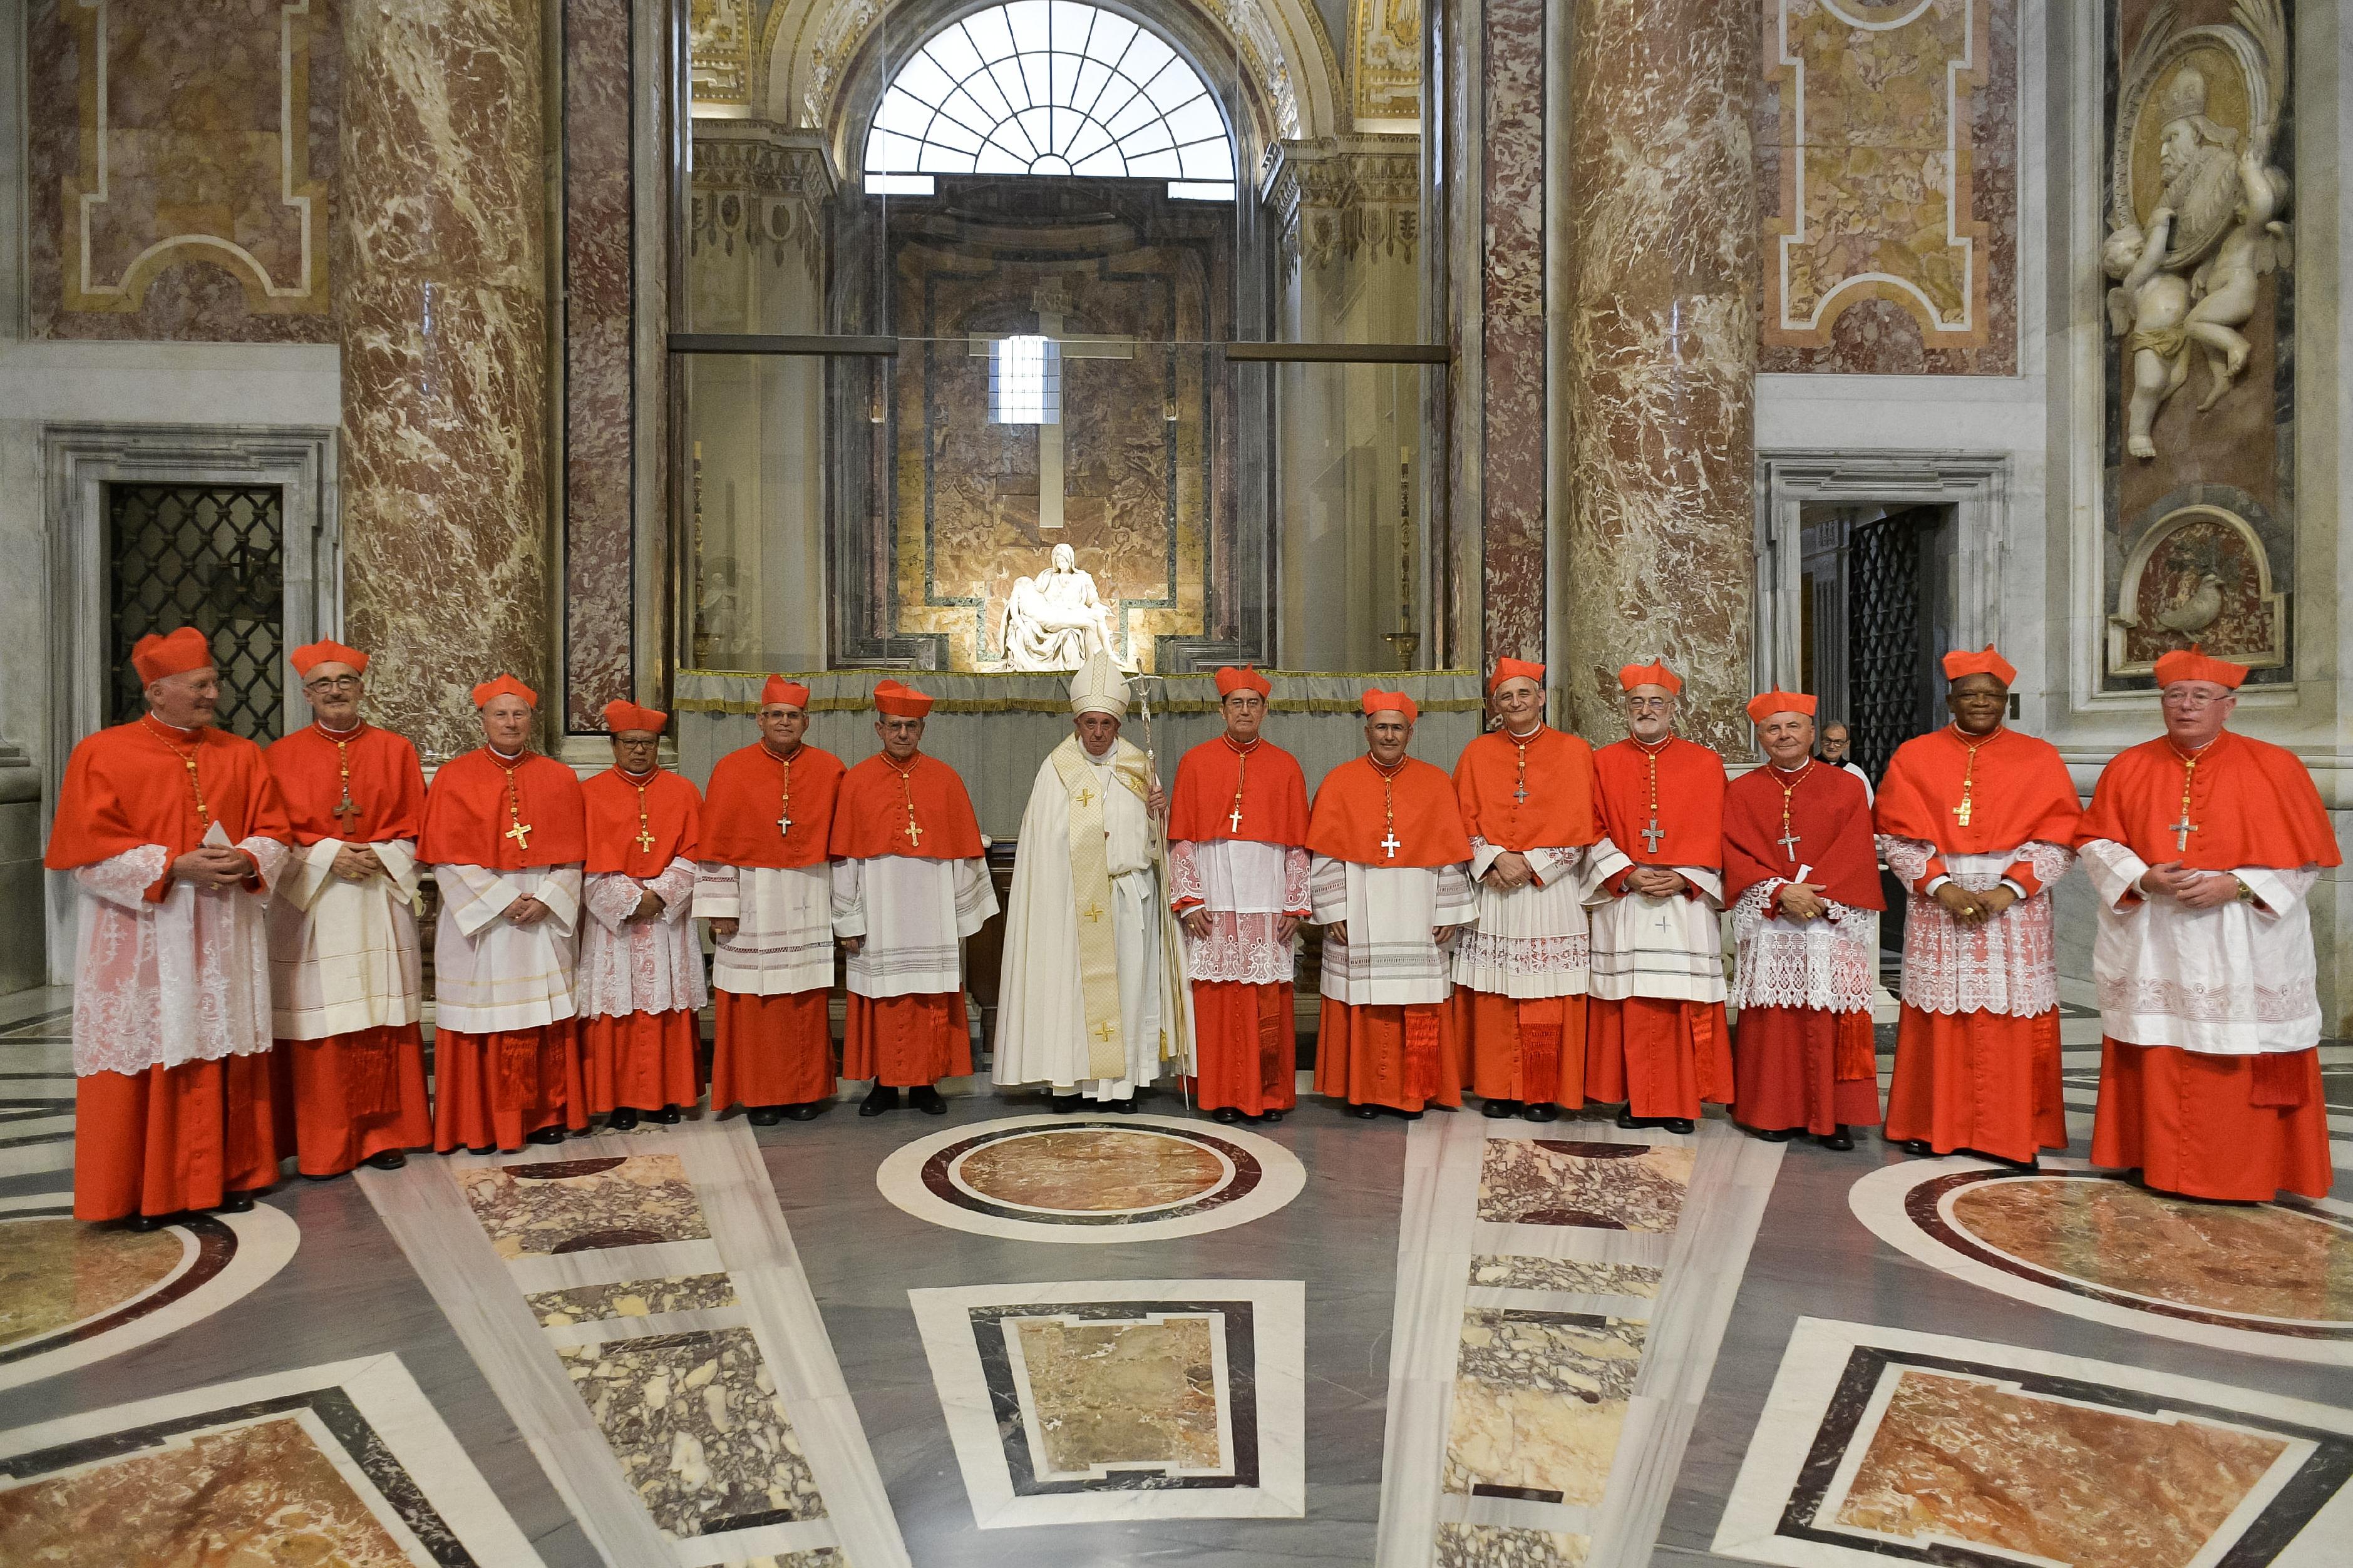 A Vatikán változtatásokat akar az olasz homofóbiaellenes törvénytervezetben